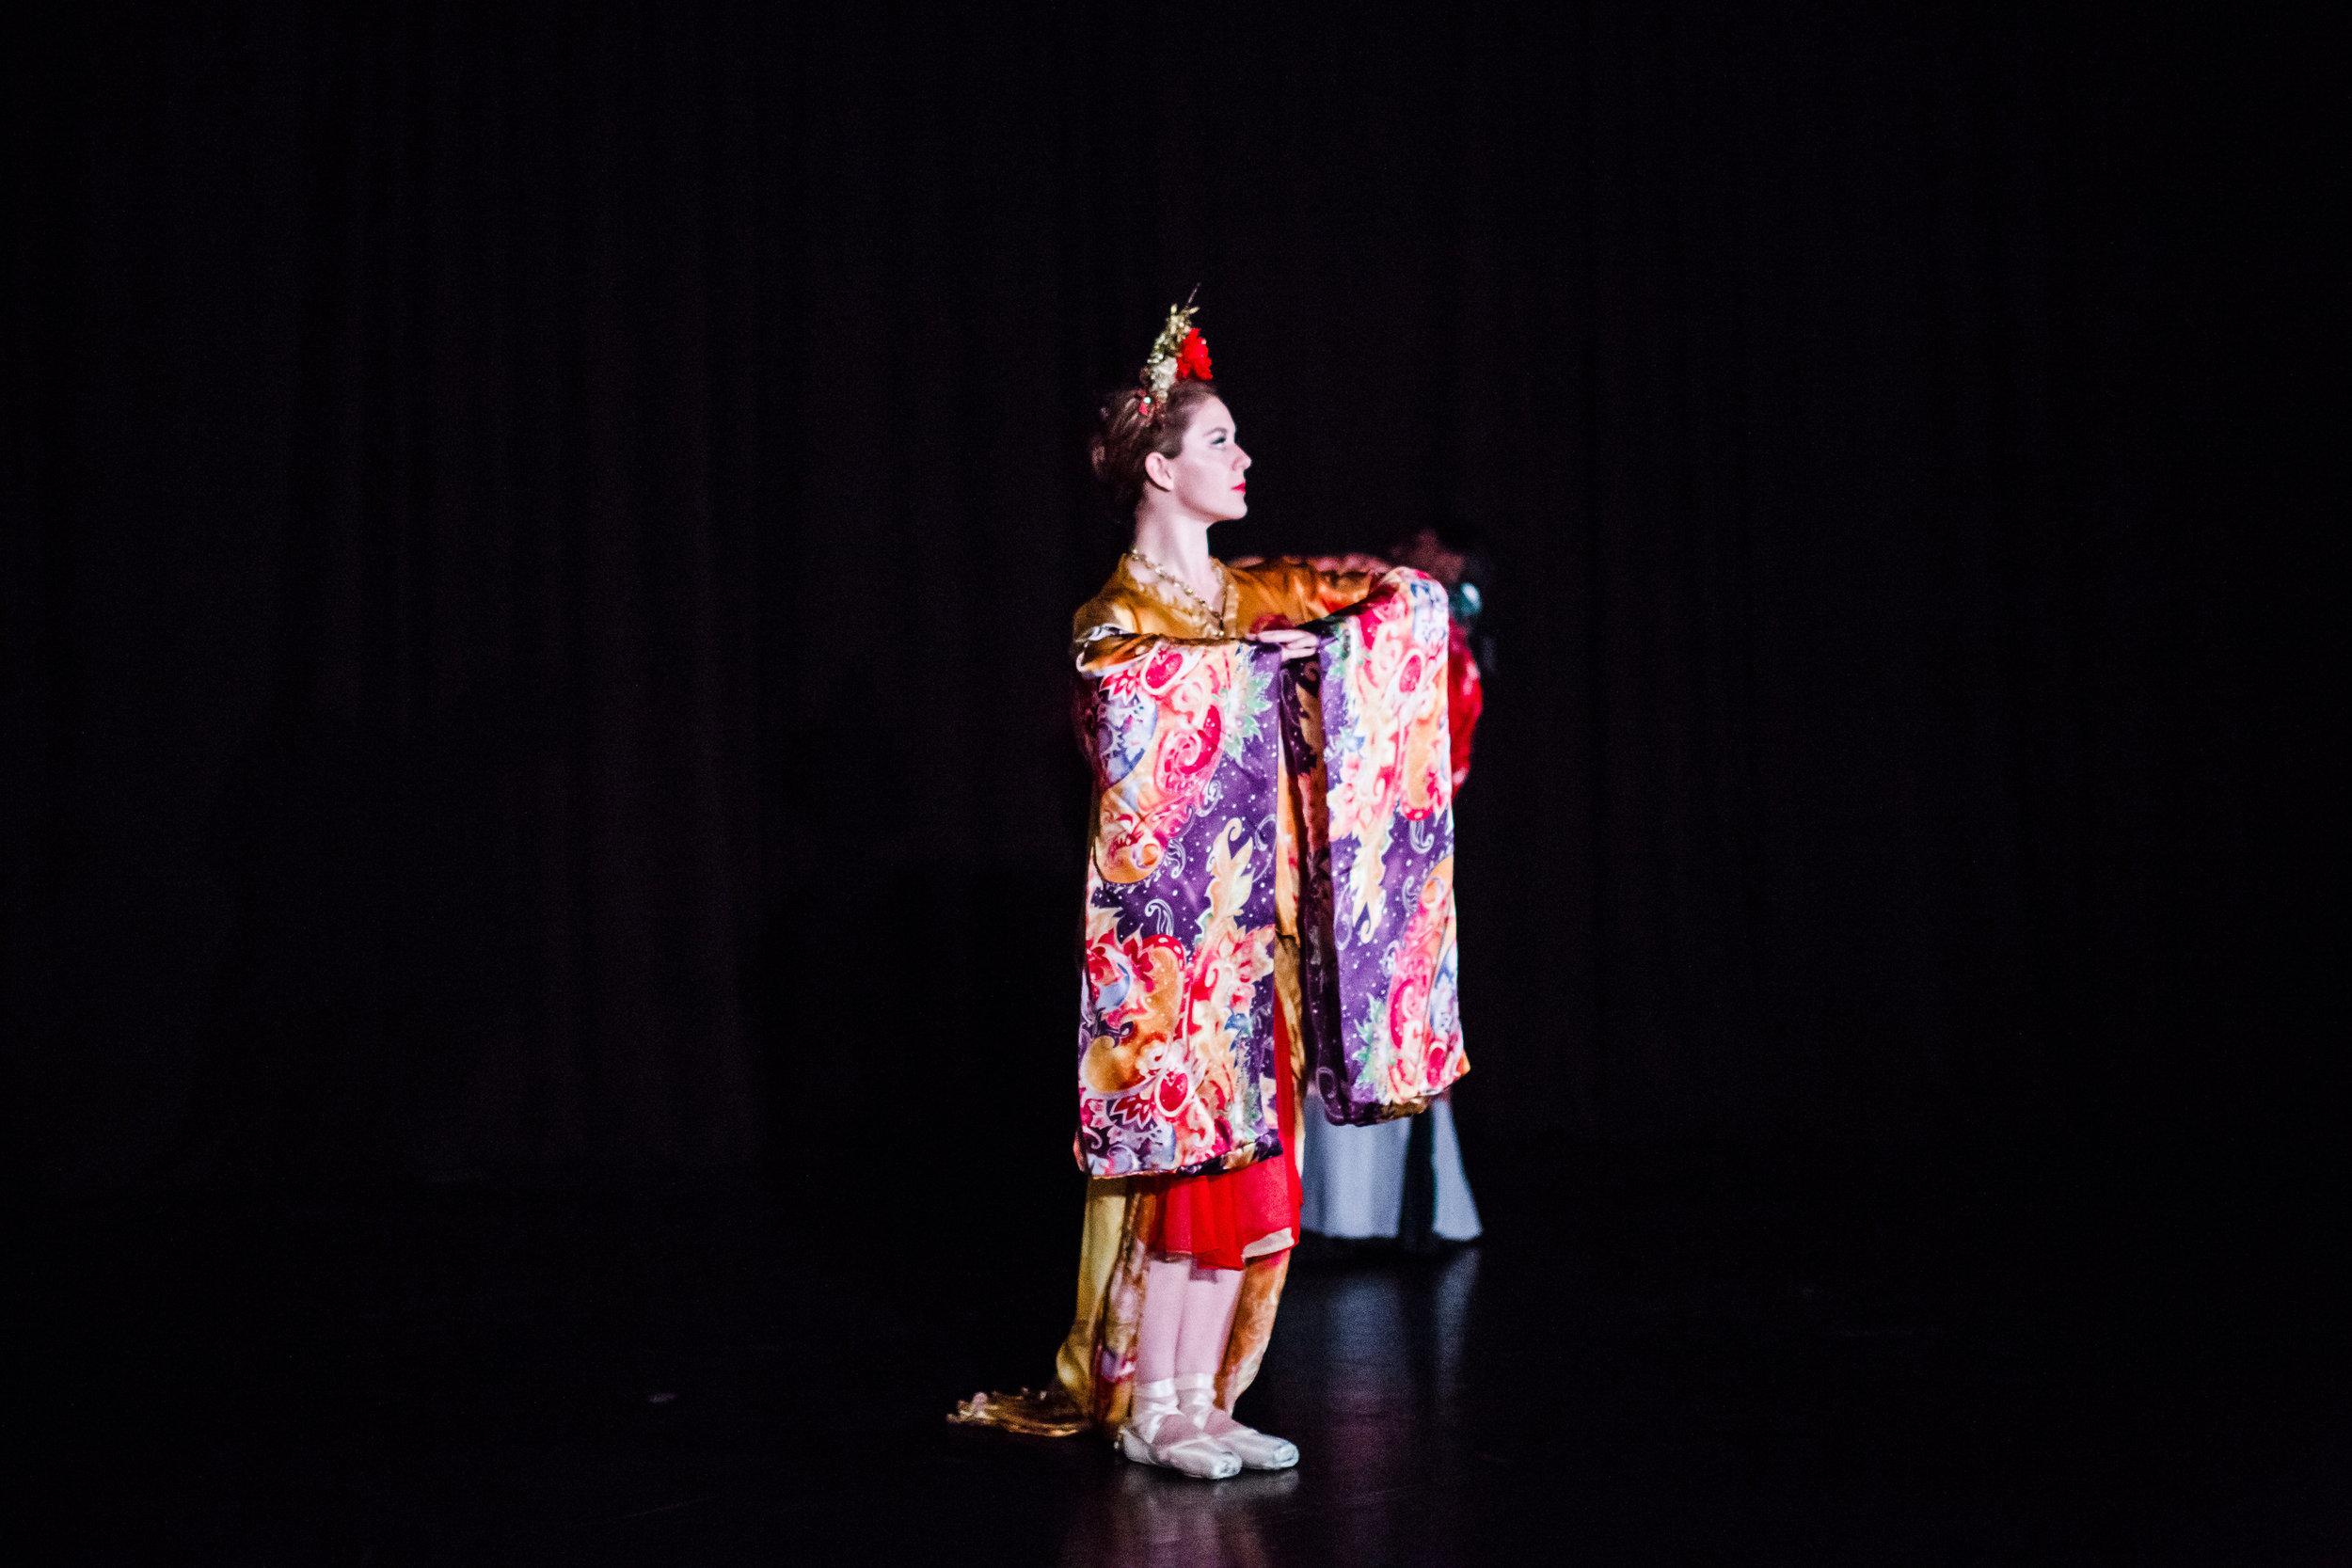 2017_12_10_durham_school_ballet_winter_showcase_party-3610.jpg